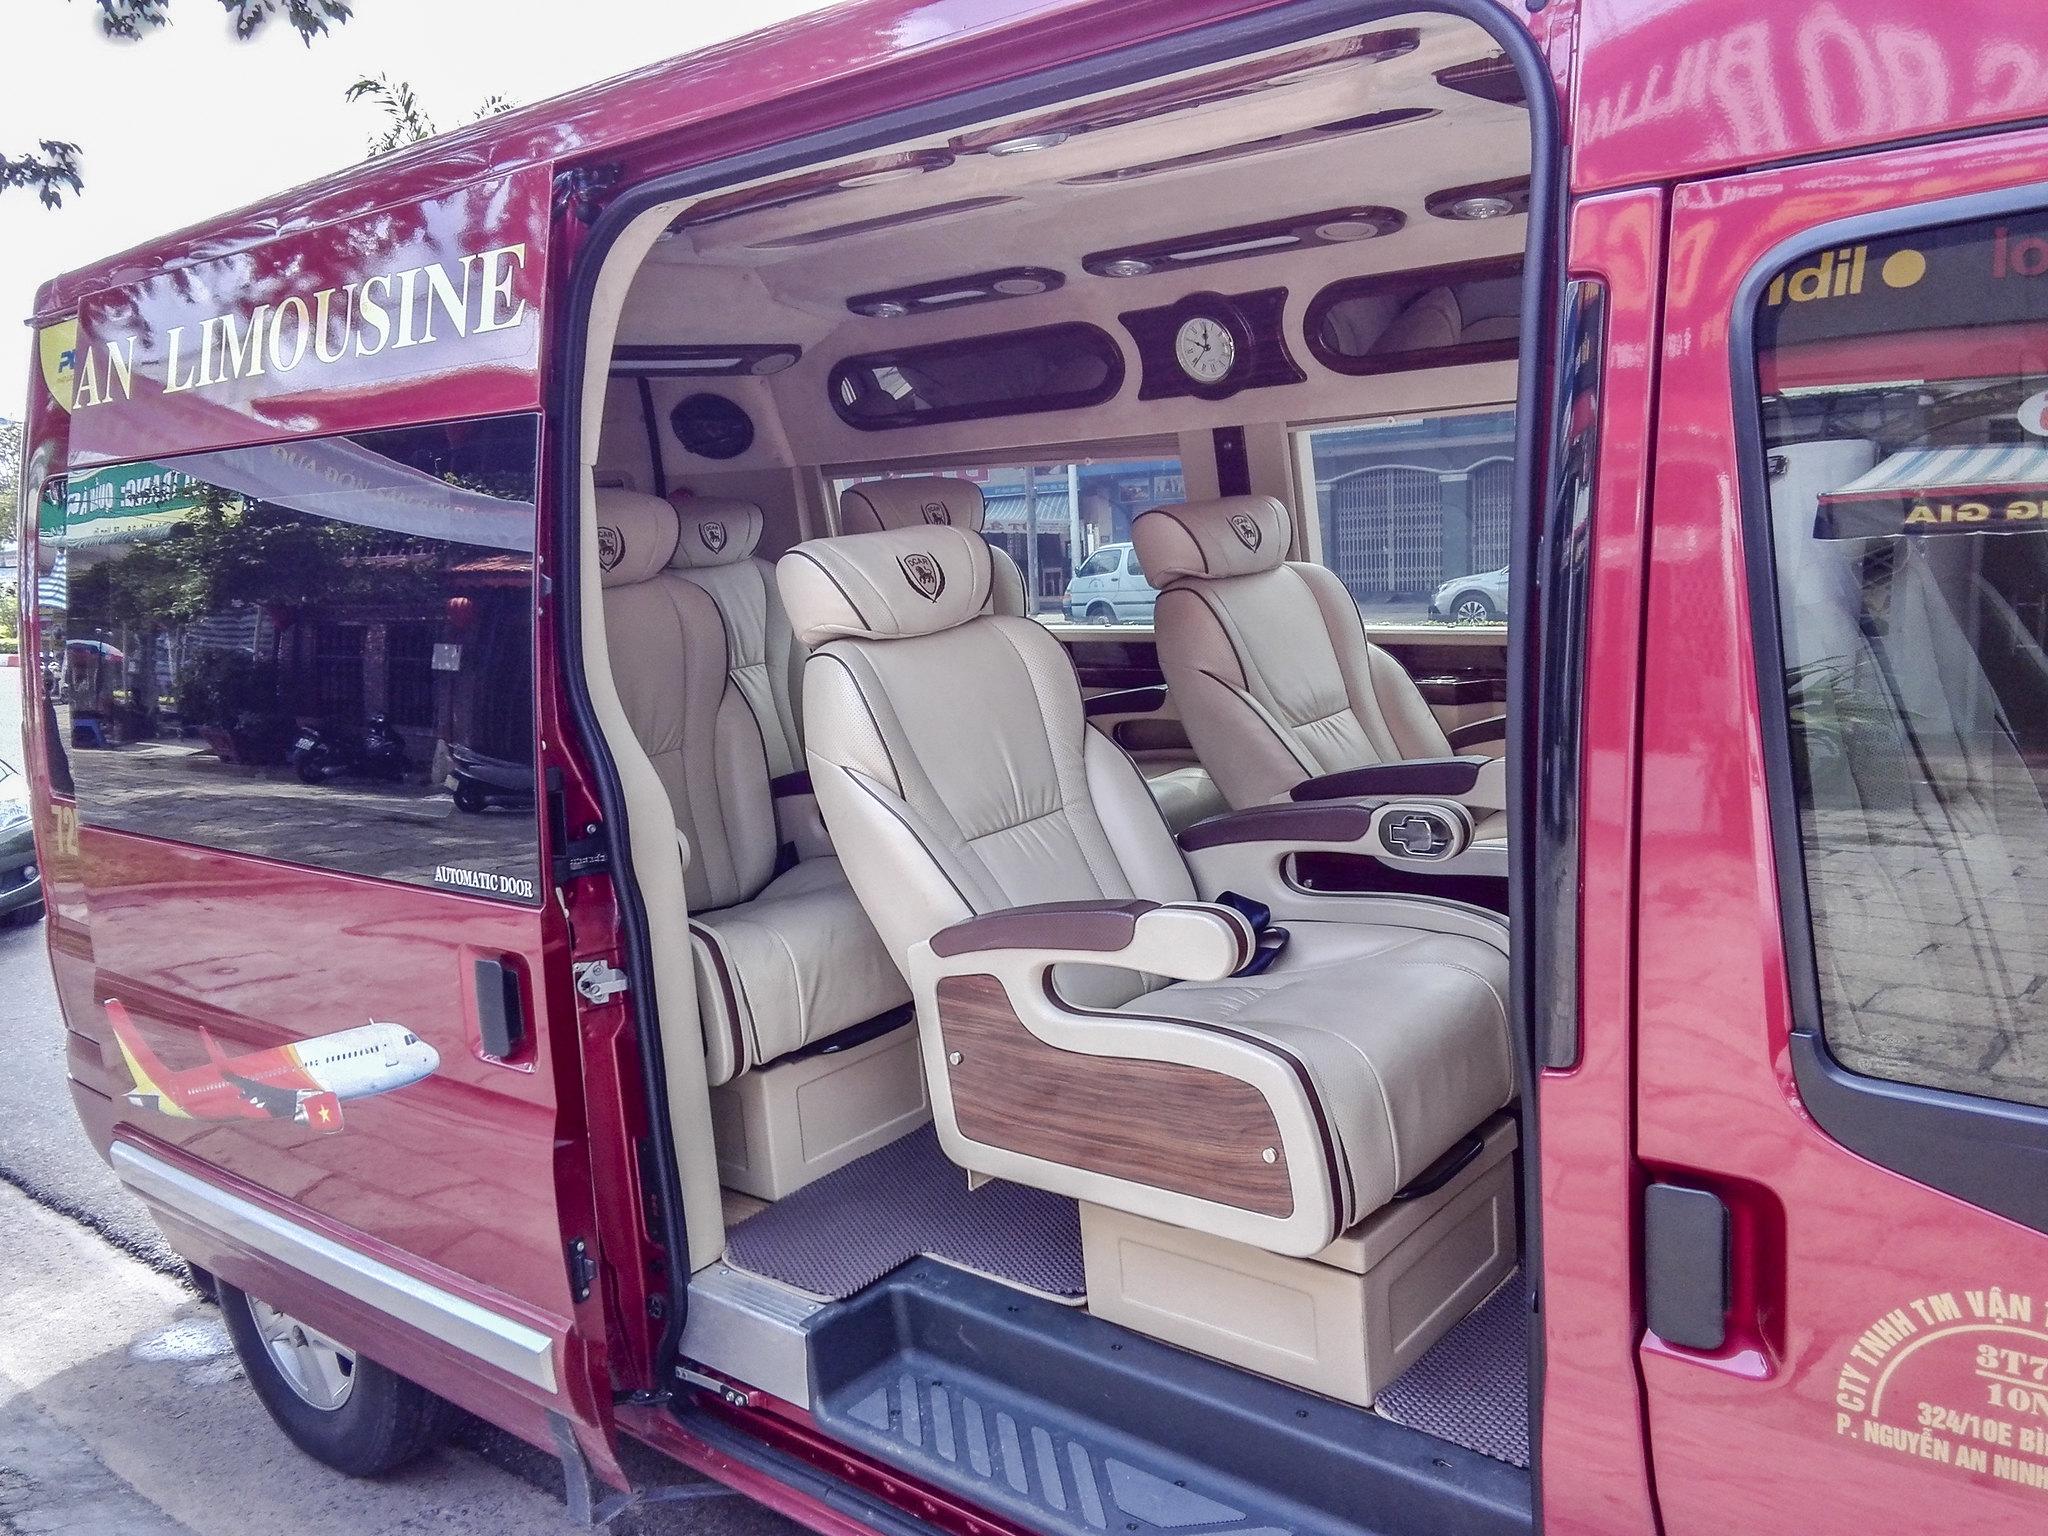 Phát Lộc An Limousine VIP Vũng Tàu – TP Hồ Chí Minh